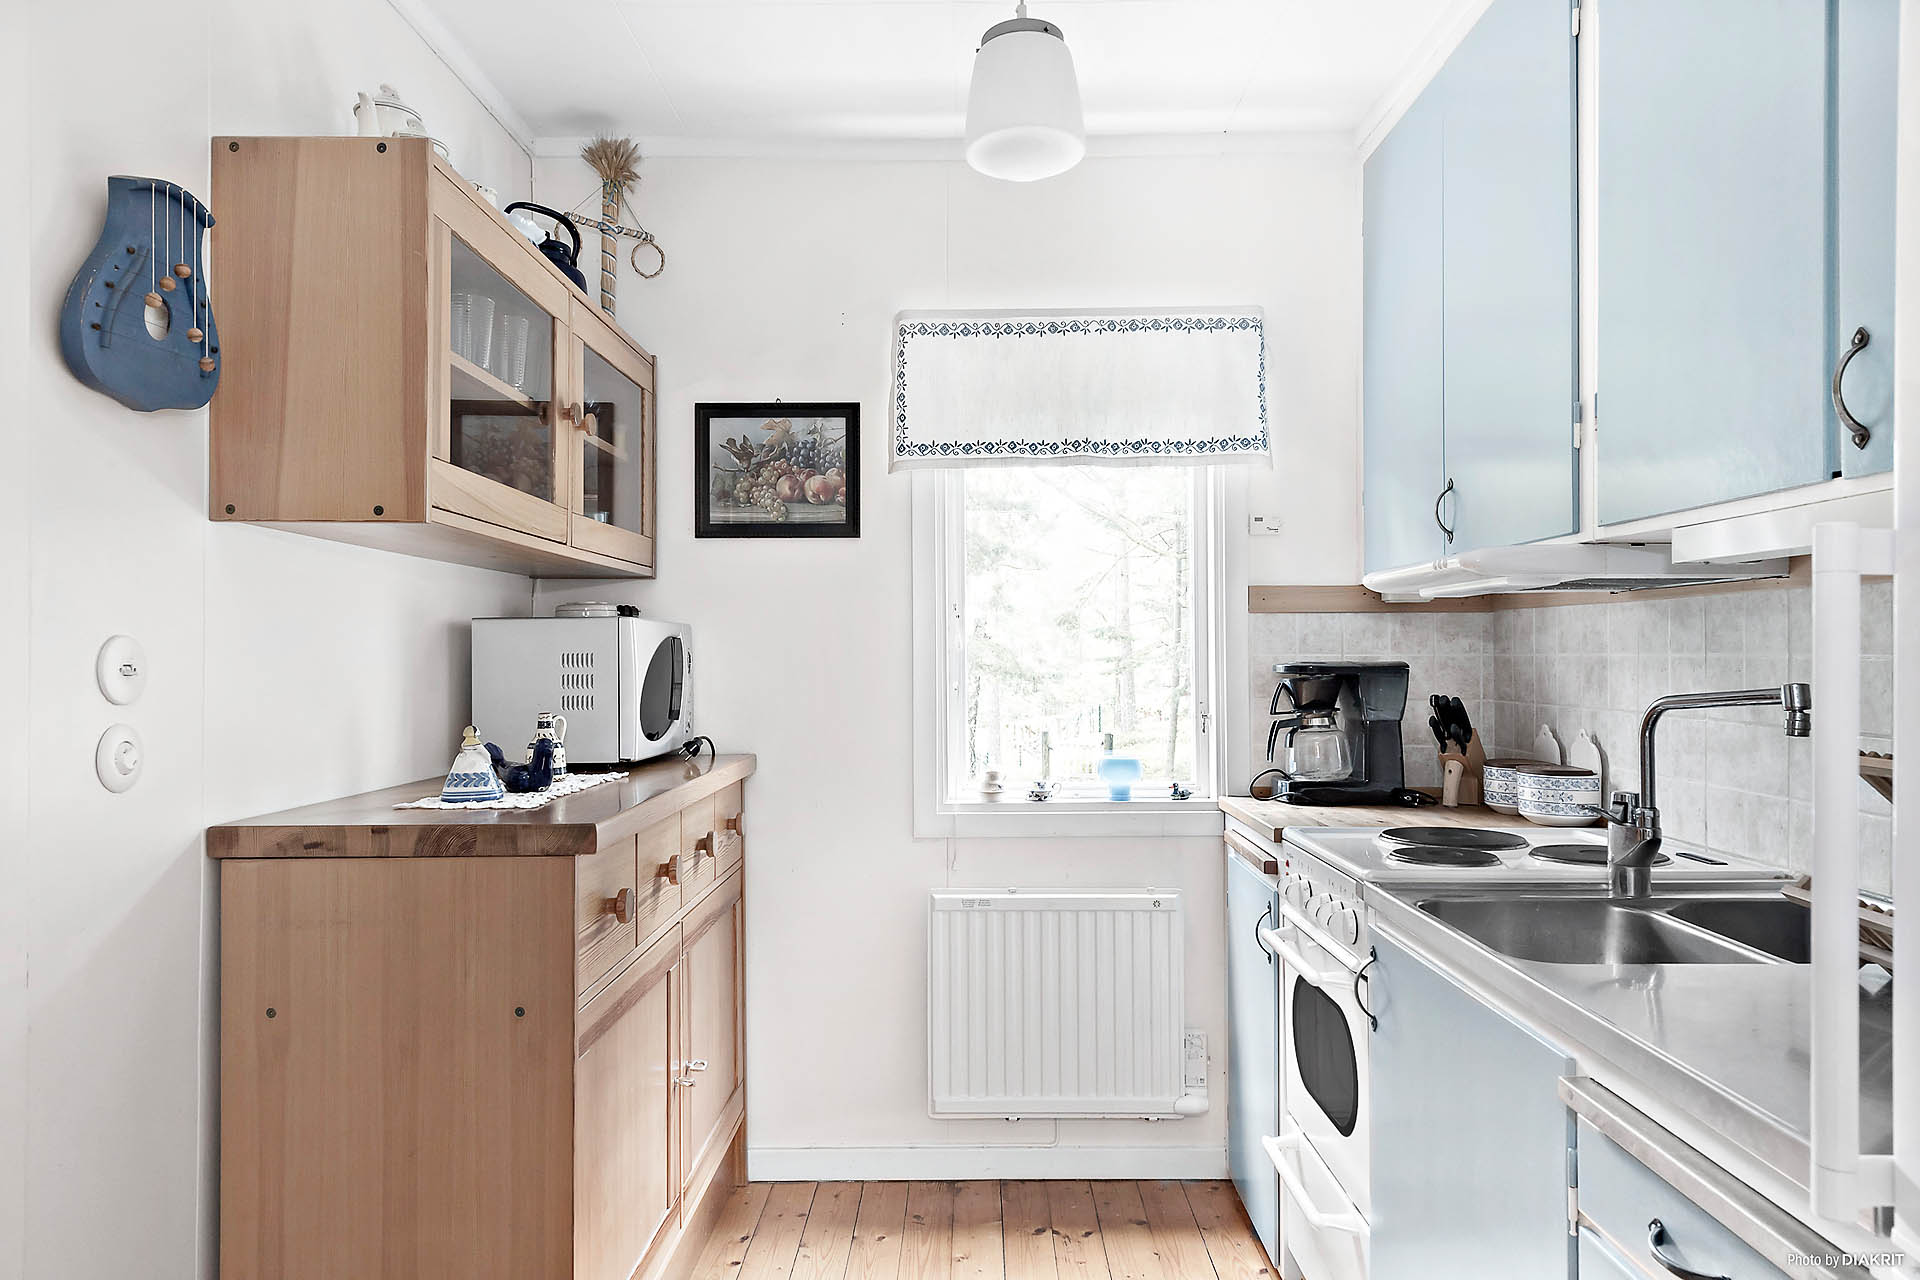 Köket har en välskött standard och bra med förvaring. Det är utrustat med spis och kyl. Trivsamt med ljusinsläpp från fönster.